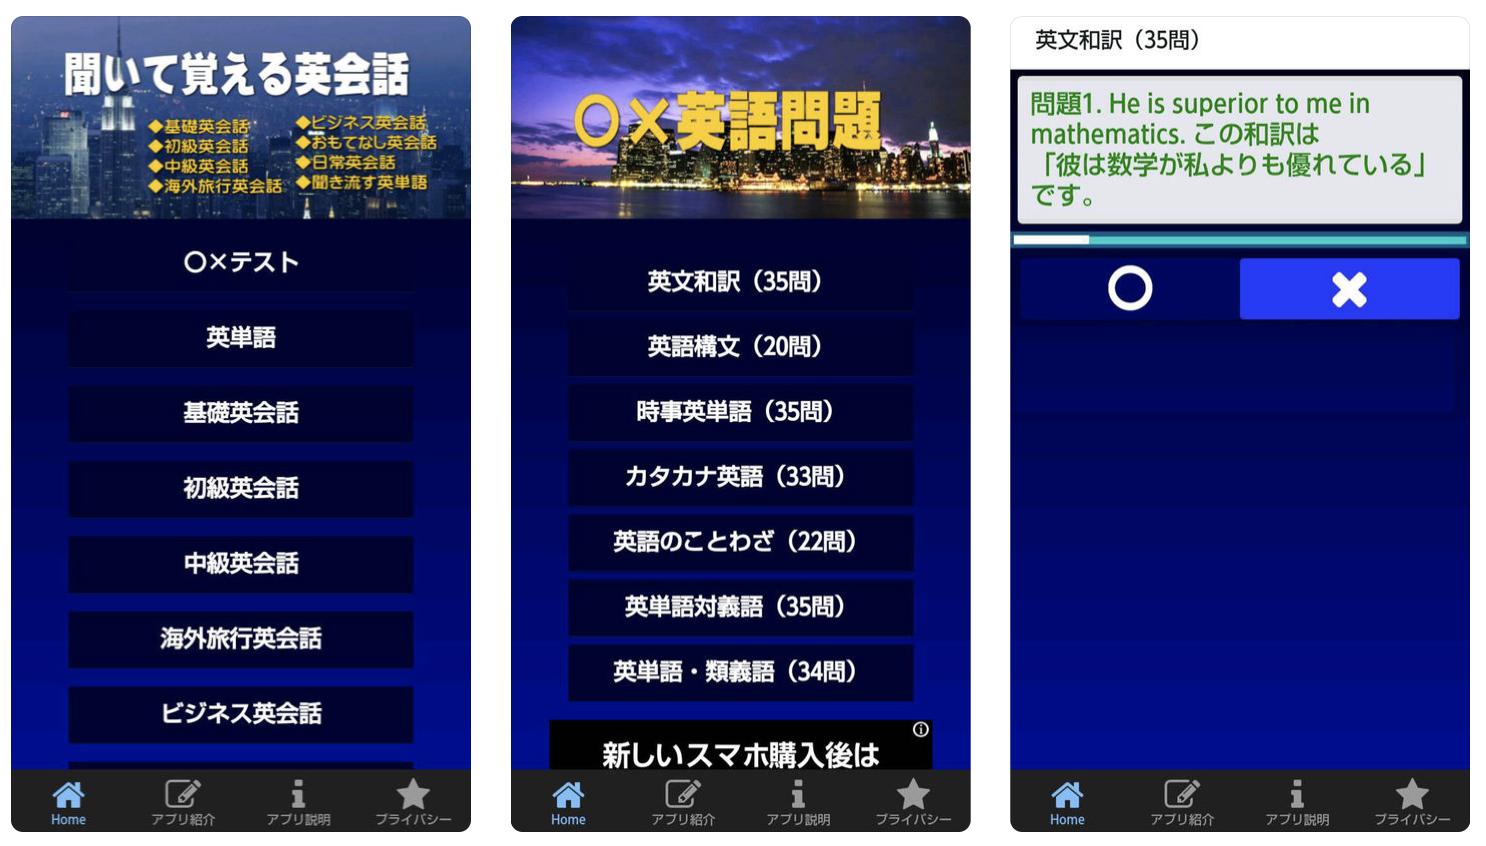 英語リスニングのおすすめアプリ「英会話リスニングアプリ聞ける!話せる!」